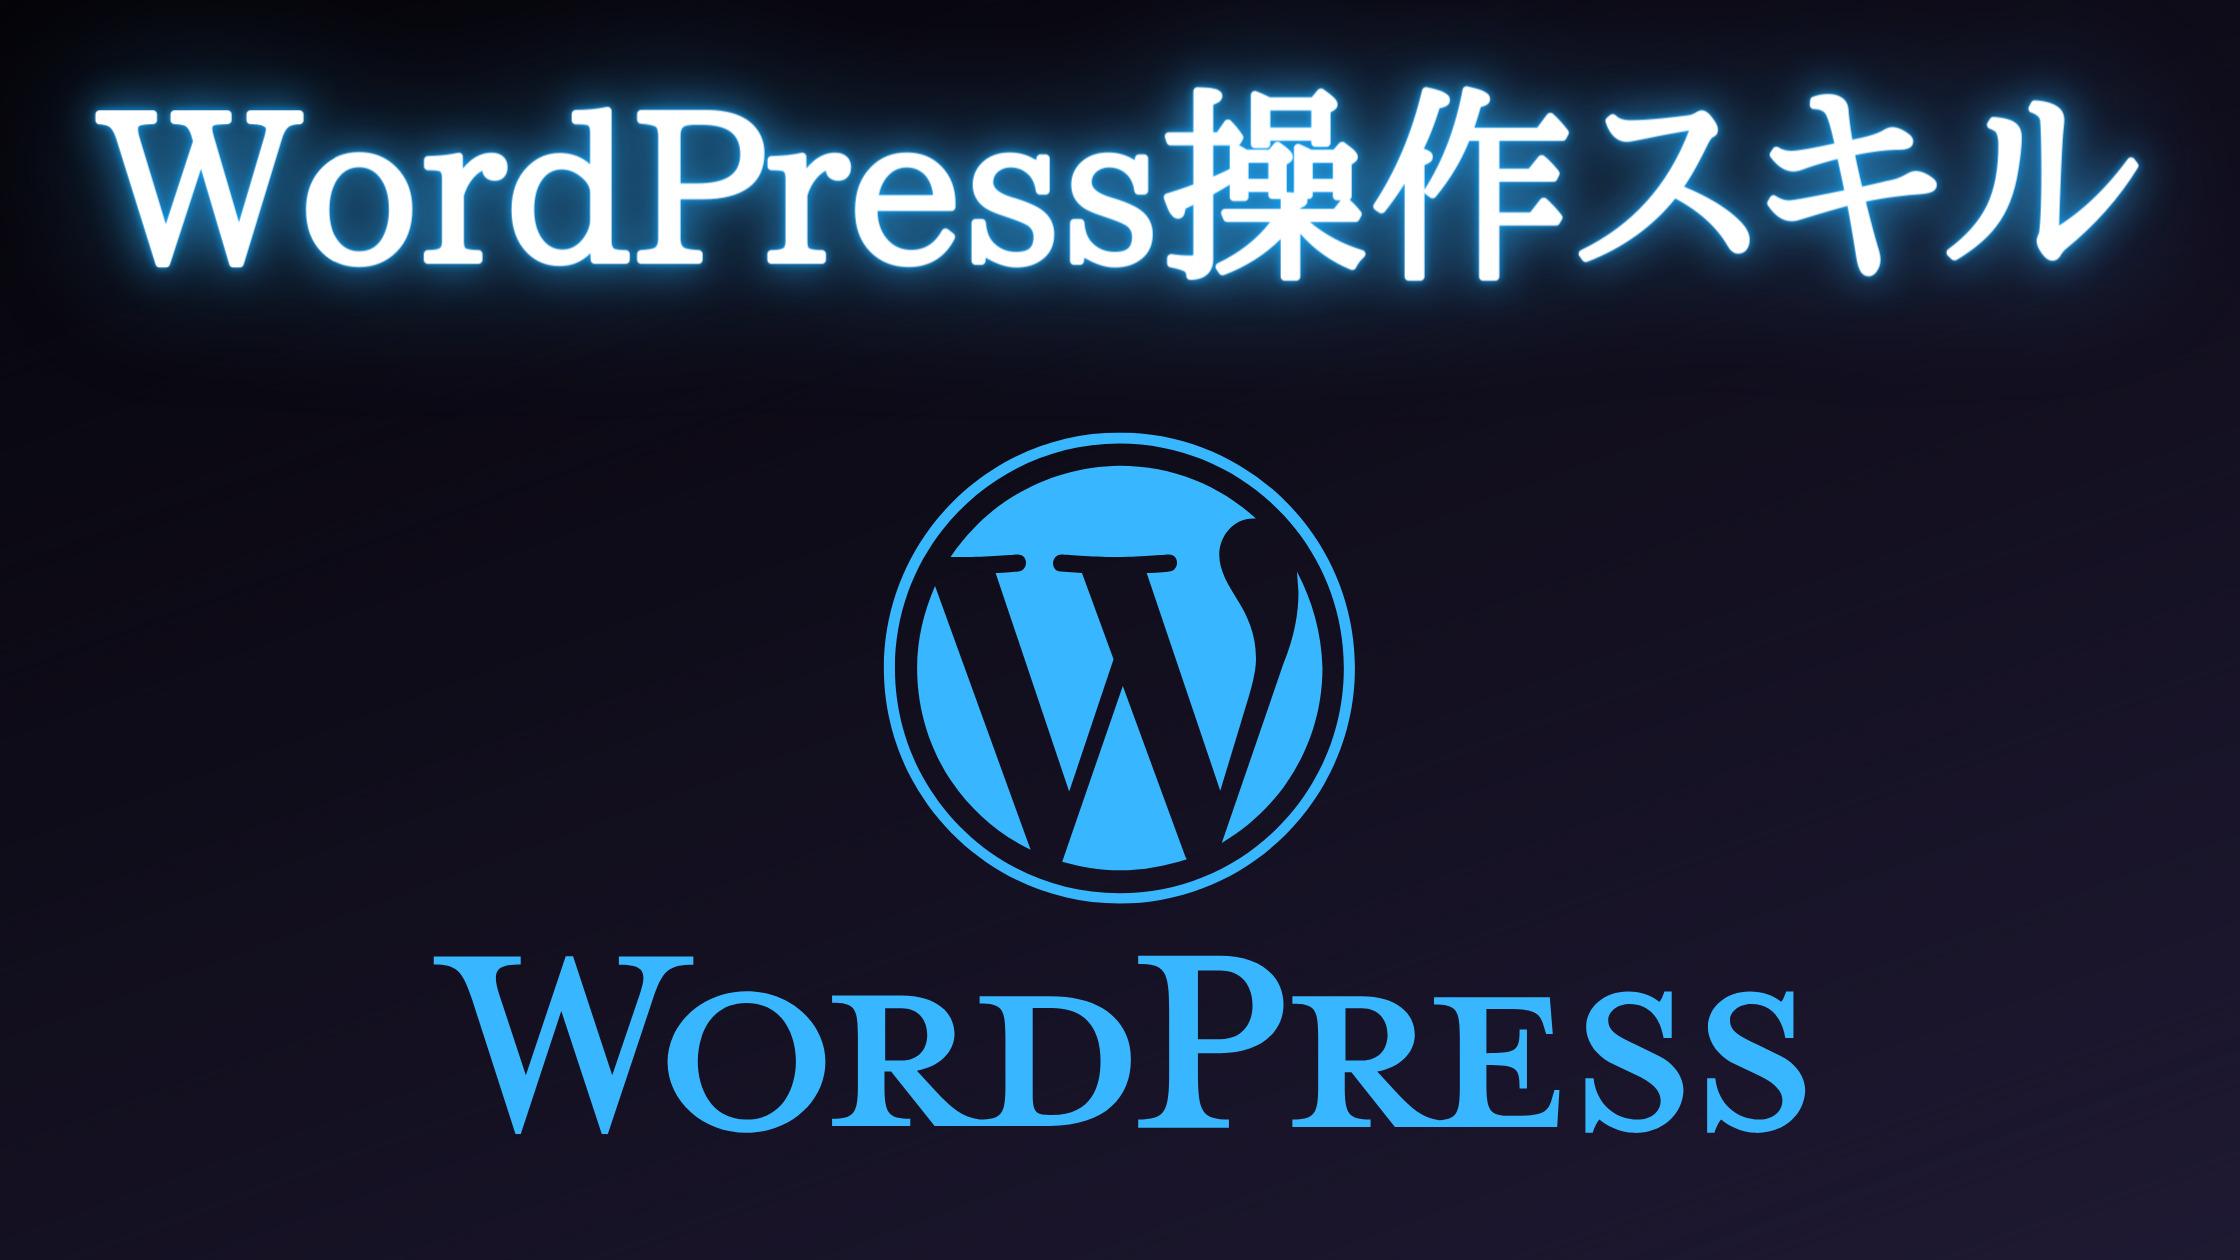 WordPress操作スキル